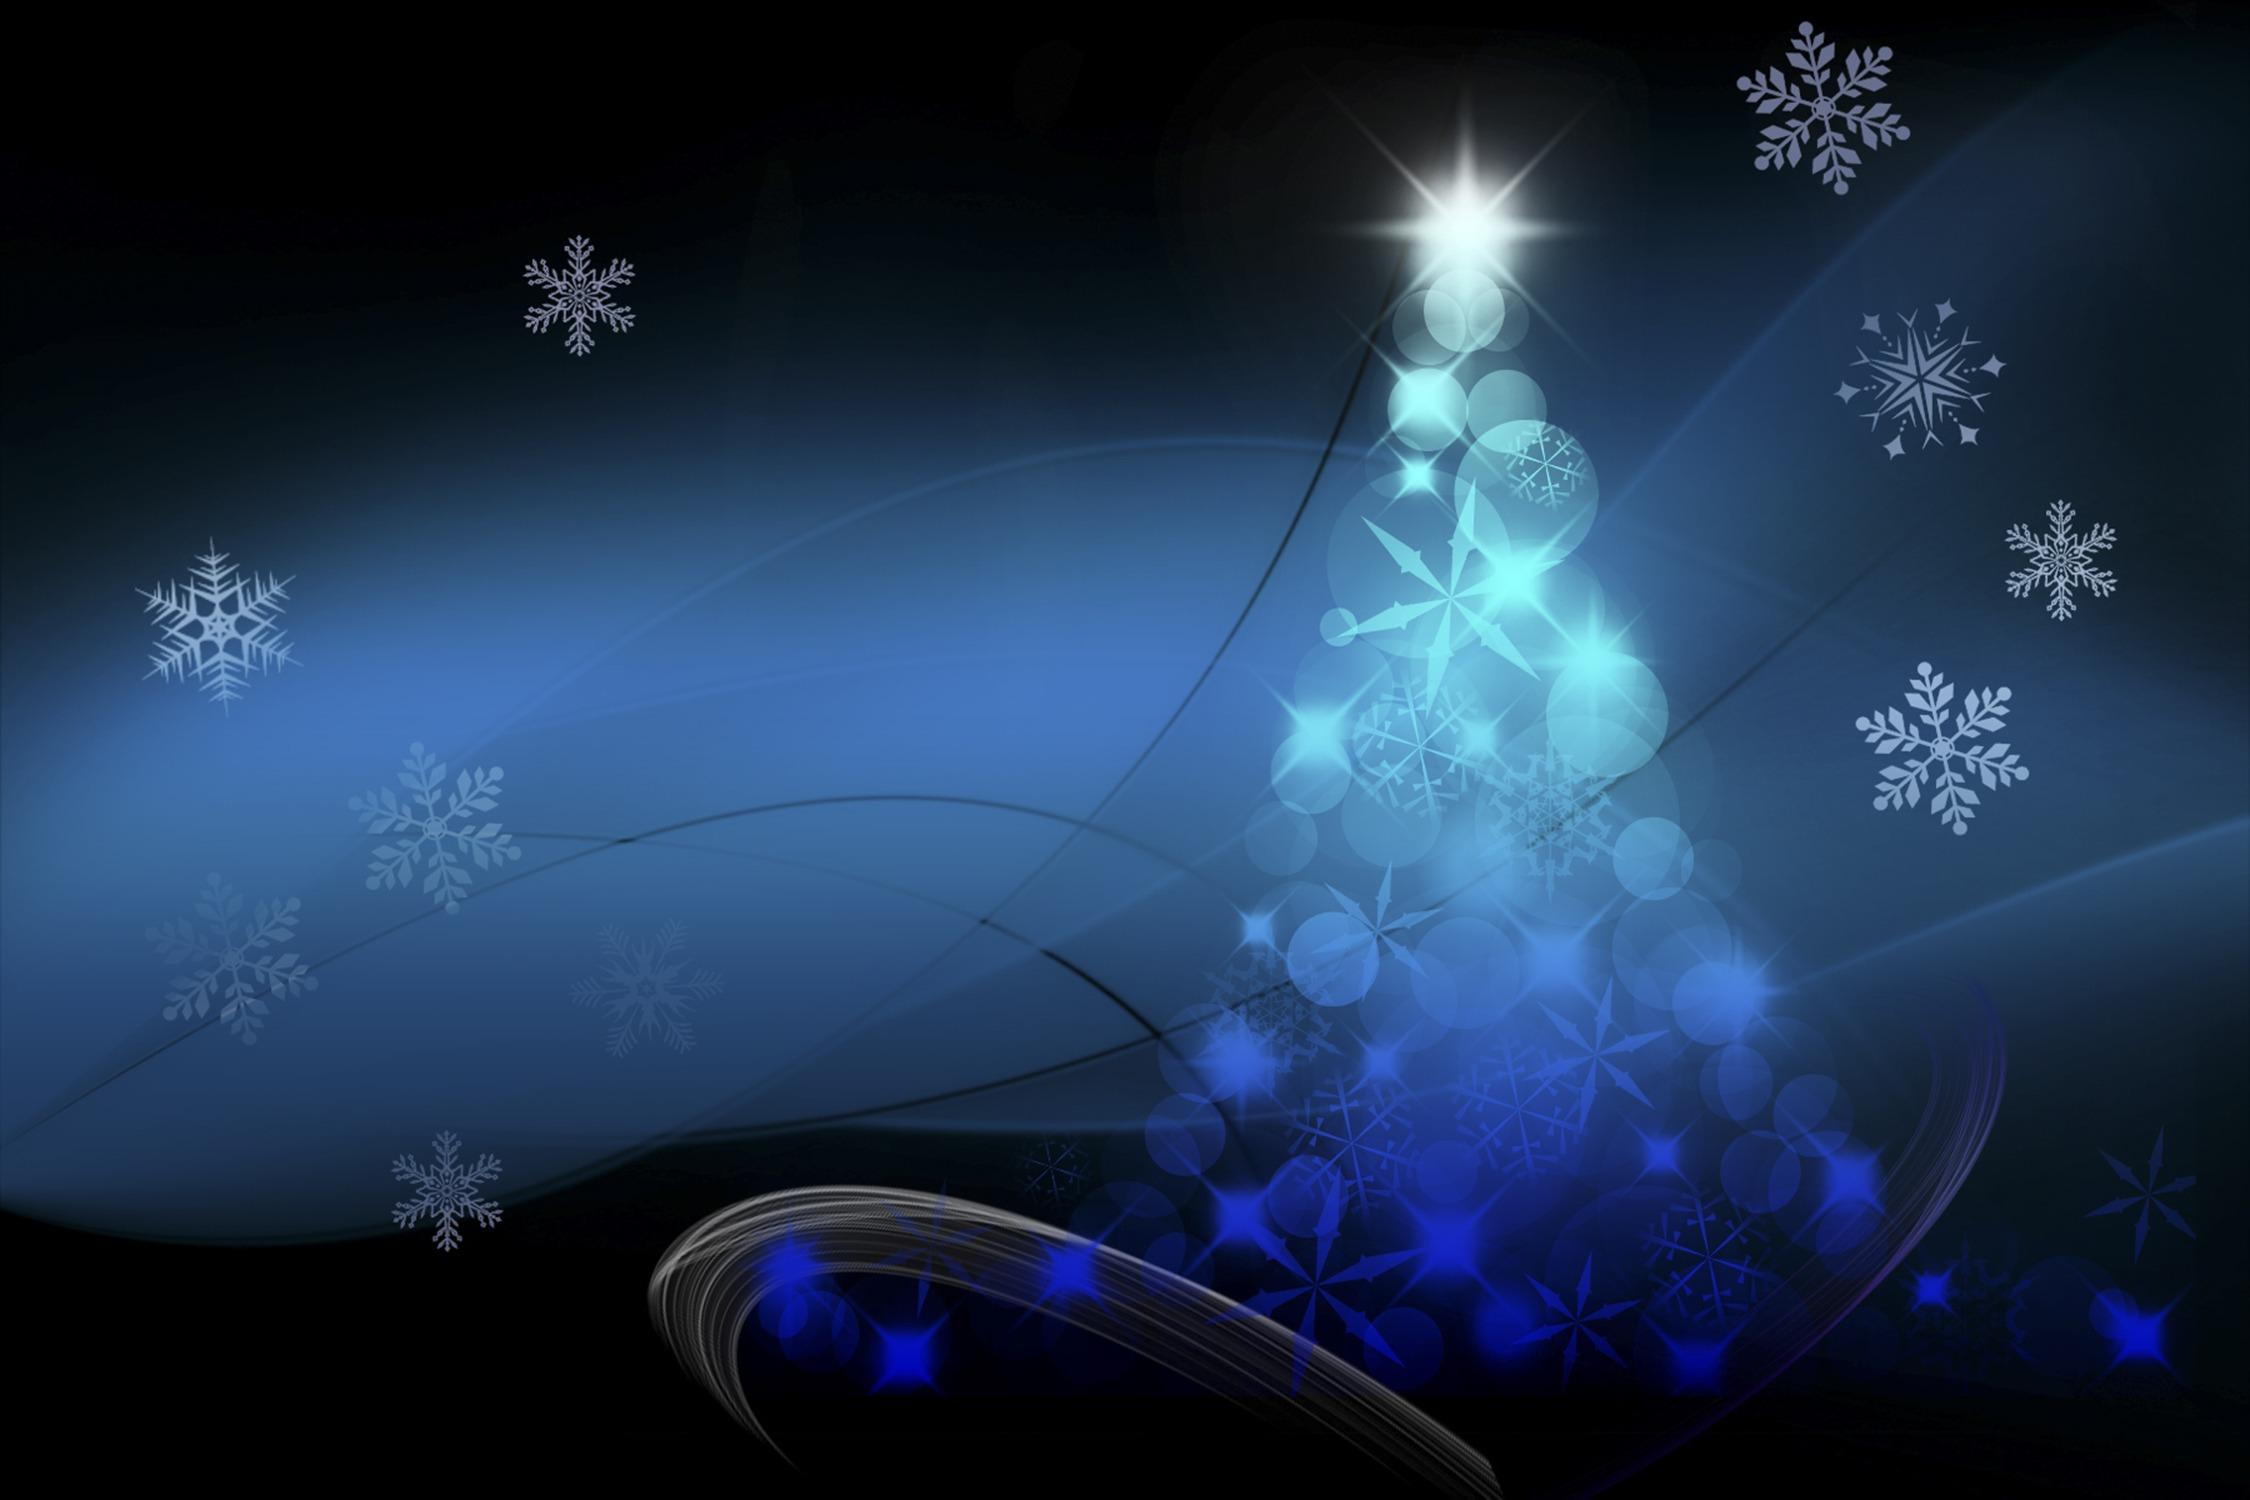 Kartka świąteczno-noworoczna 2015